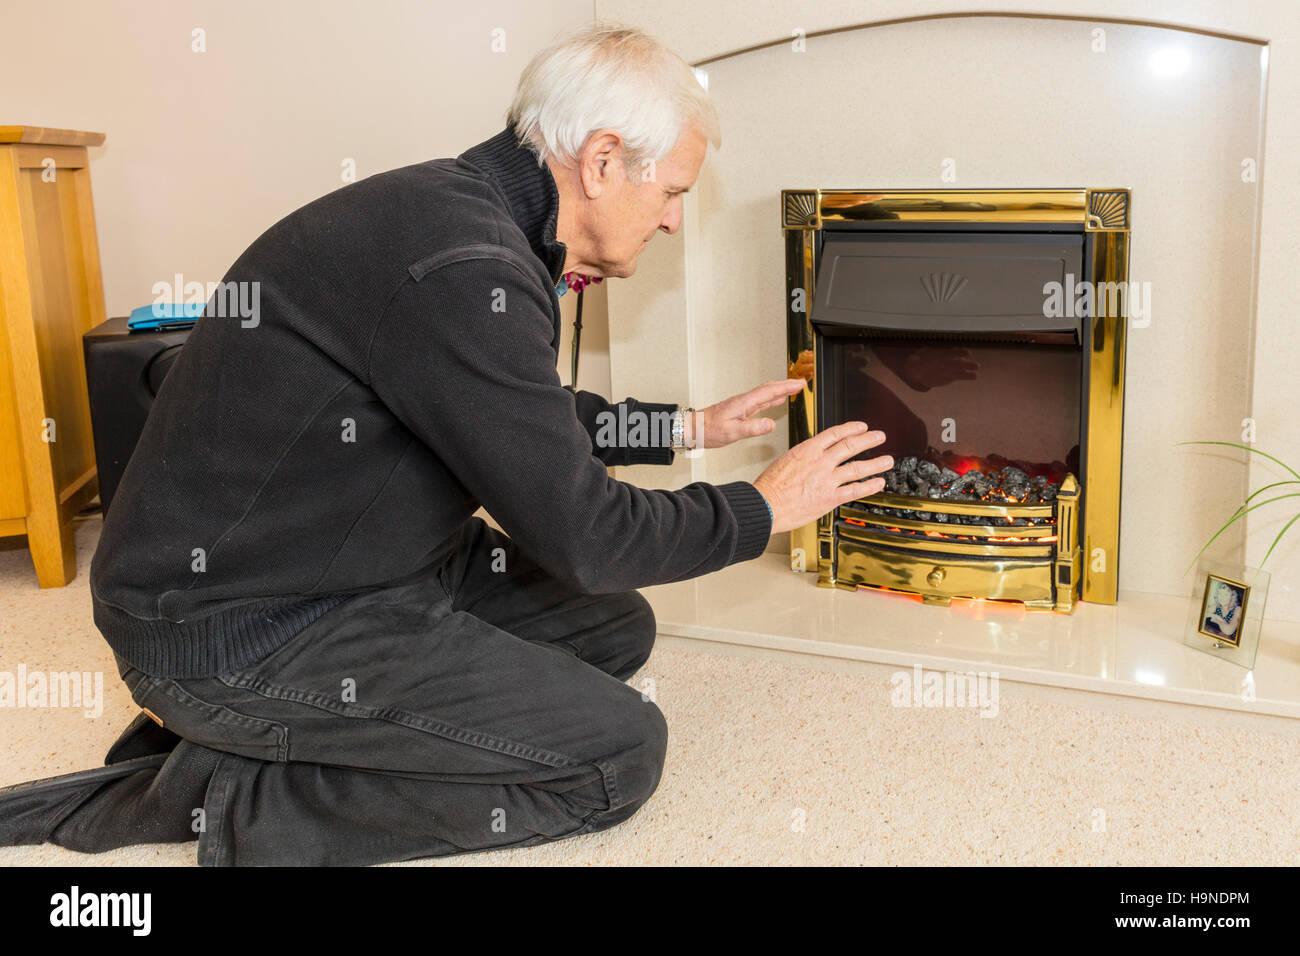 OAP versucht, warme wärmende Hände in der Nähe von Feuer zu halten halten Rechnungen nach unten nicht leisten hohe Gas Heizenergie Rechnung Rechnungen UK England Stockfoto